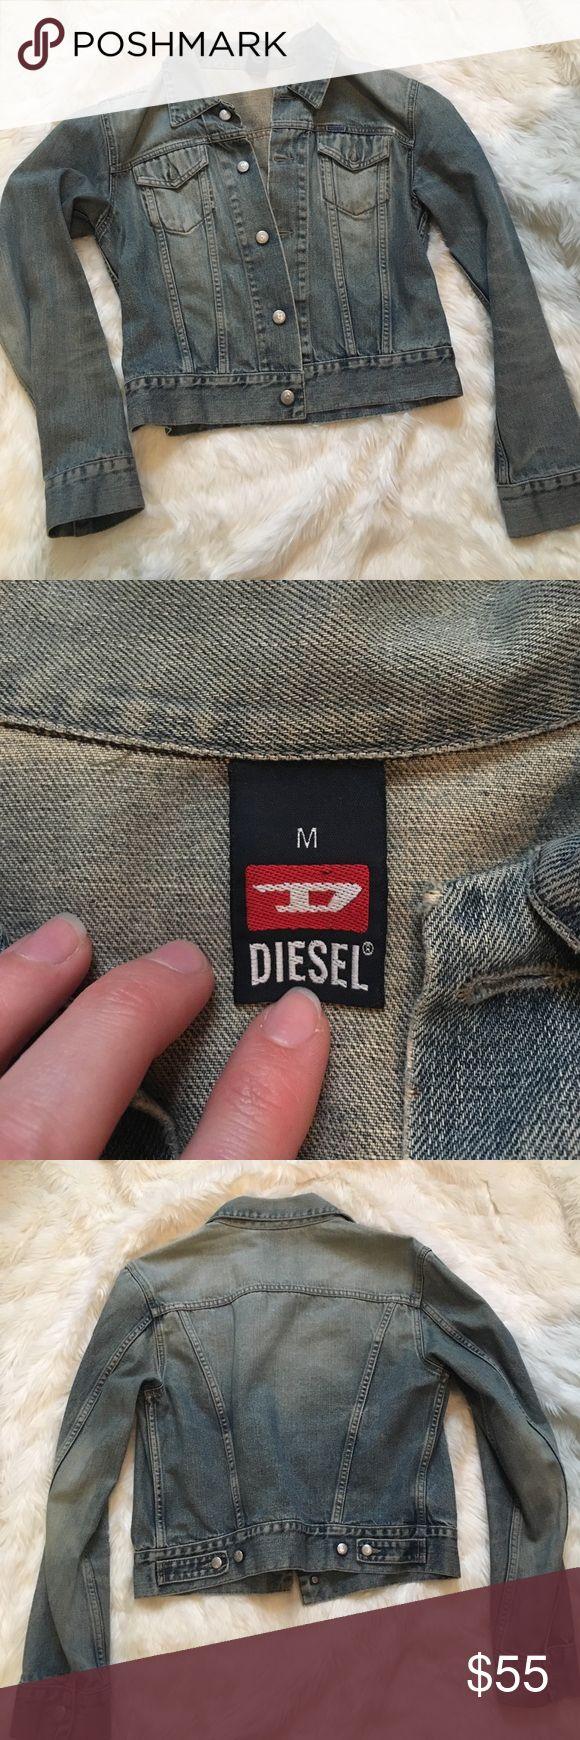 Diesel Denim Jacket Diesel Denim Jacket. Size M. Excellent condition Diesel Jackets & Coats Jean Jackets